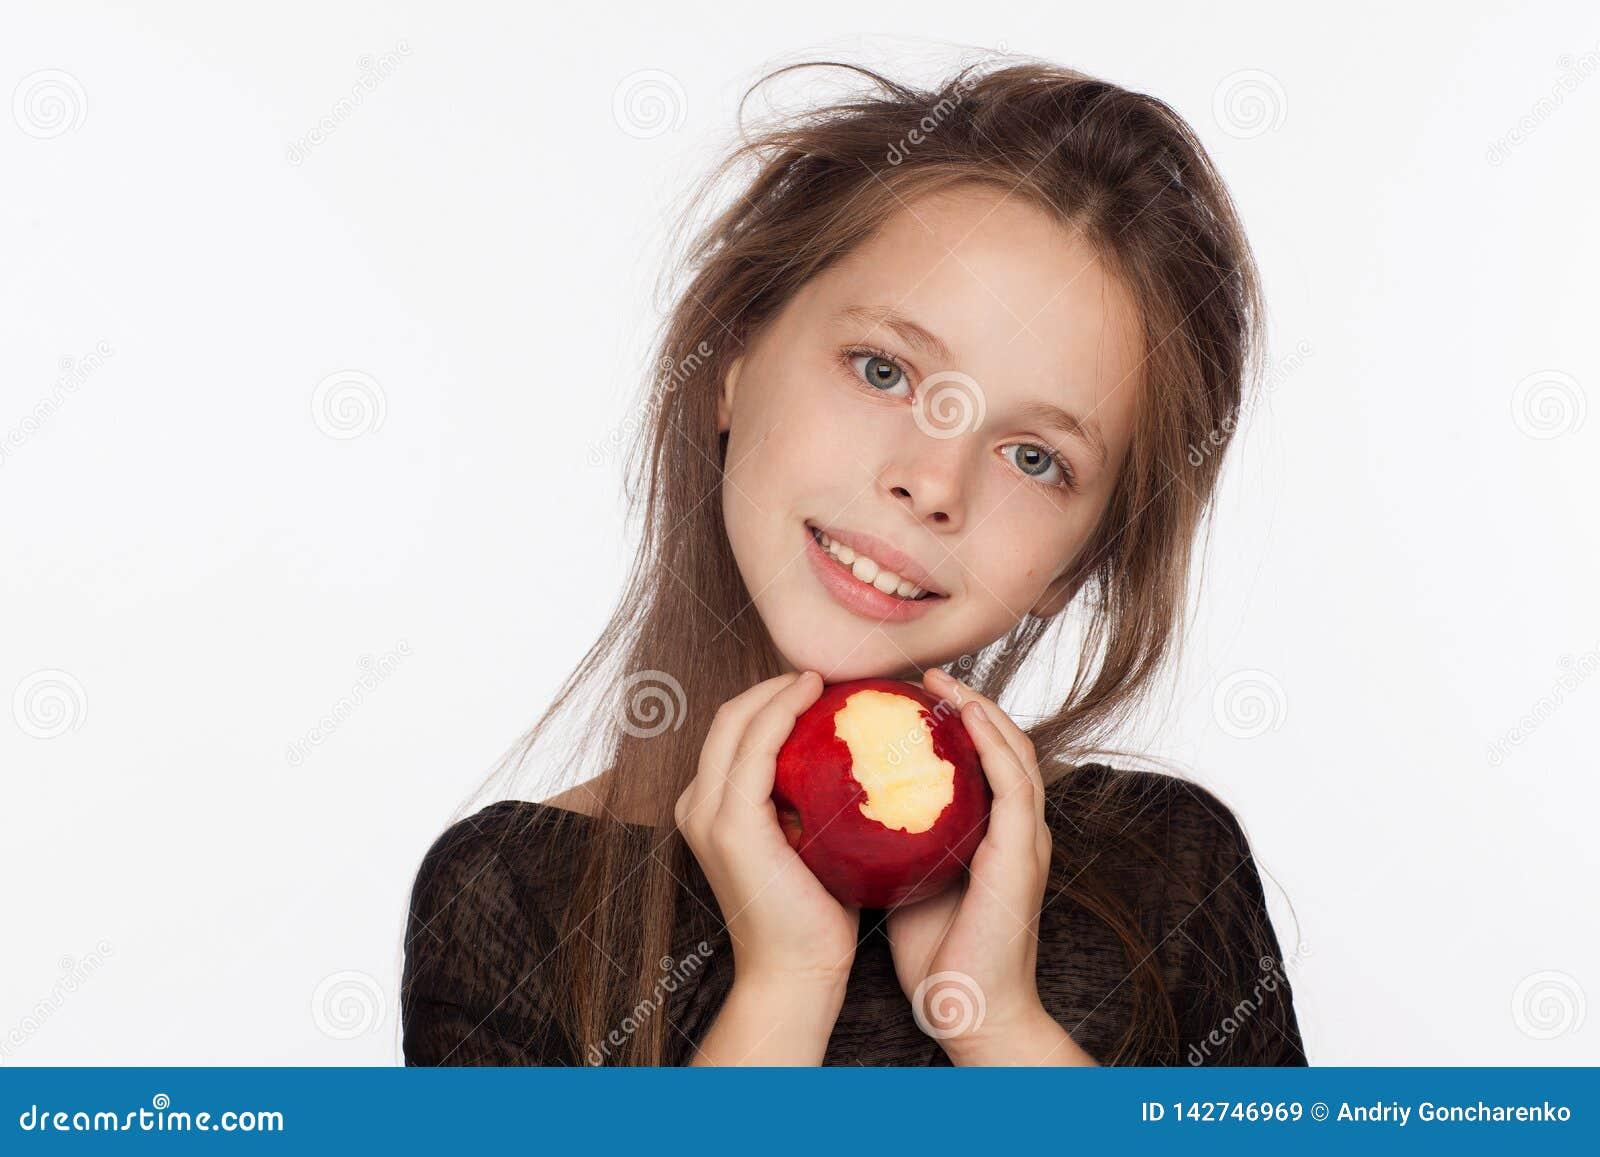 Menina de oito anos emocional bonita com uma maçã Sessão de foto no estúdio A menina está vestindo uma blusa preta